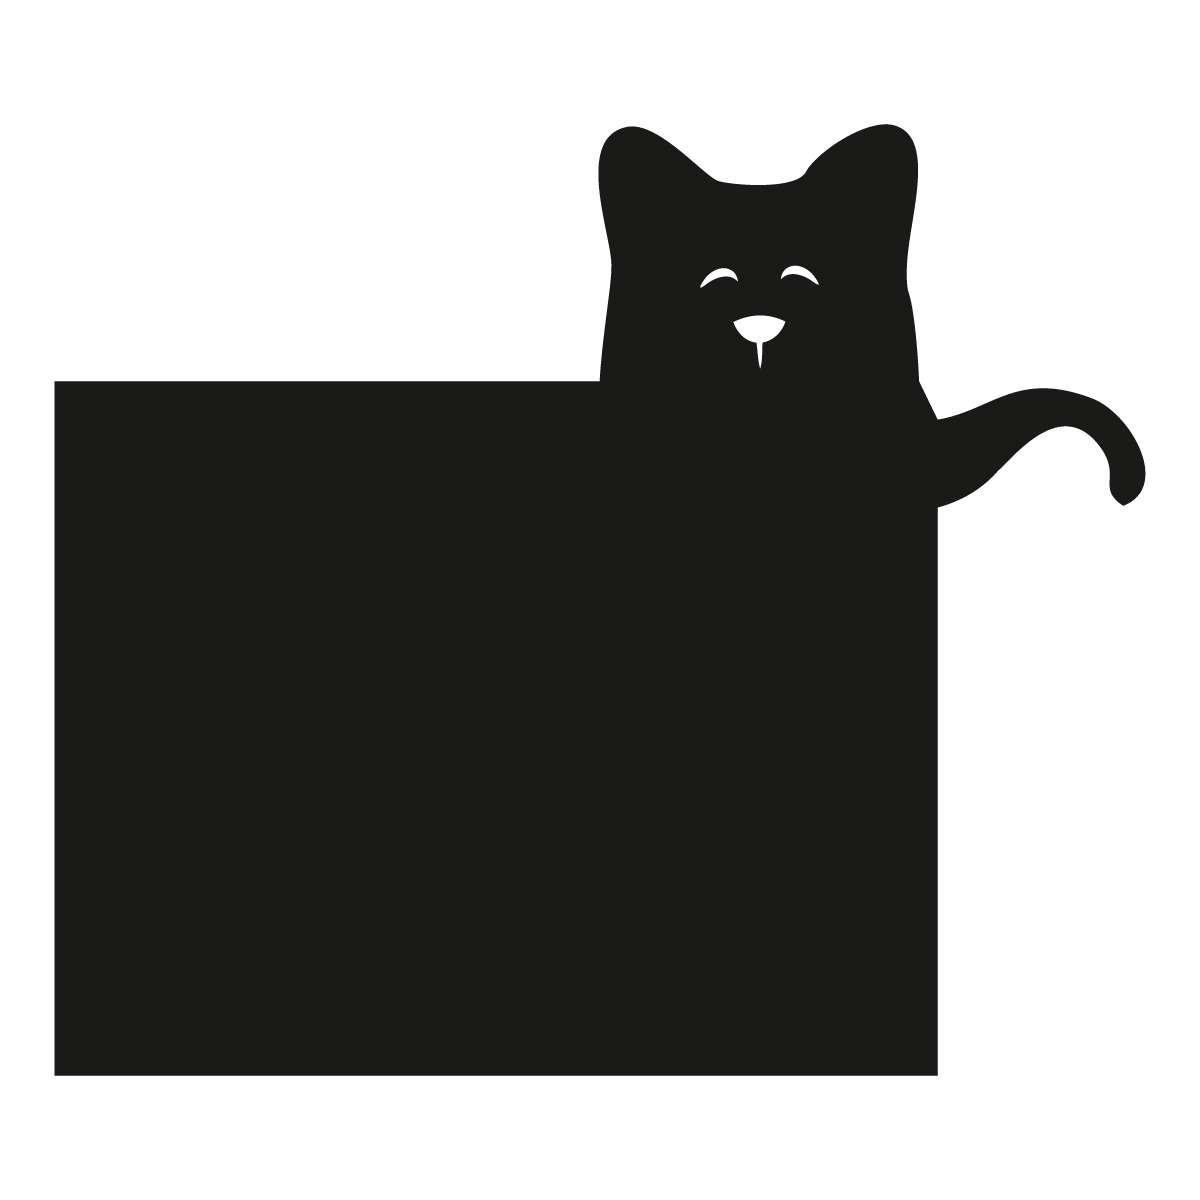 Naklejka tablicowa Funny Band cat